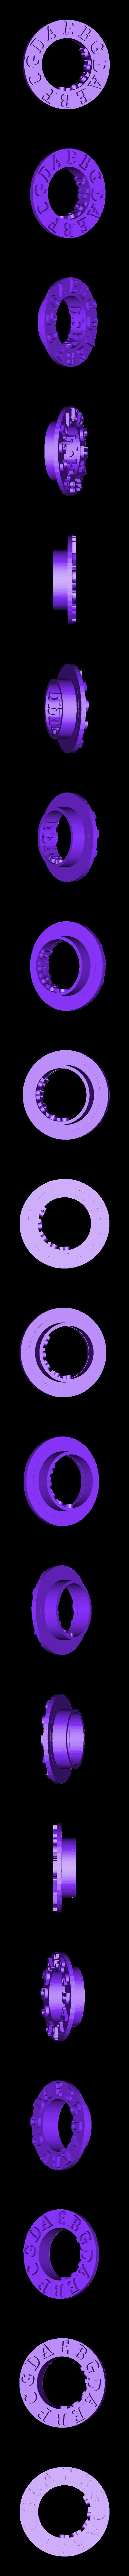 Ring-of-5ths-Top.stl Télécharger fichier STL gratuit Tourniquet du Cercle des Cinquièmes • Objet pour impression 3D, cclontz